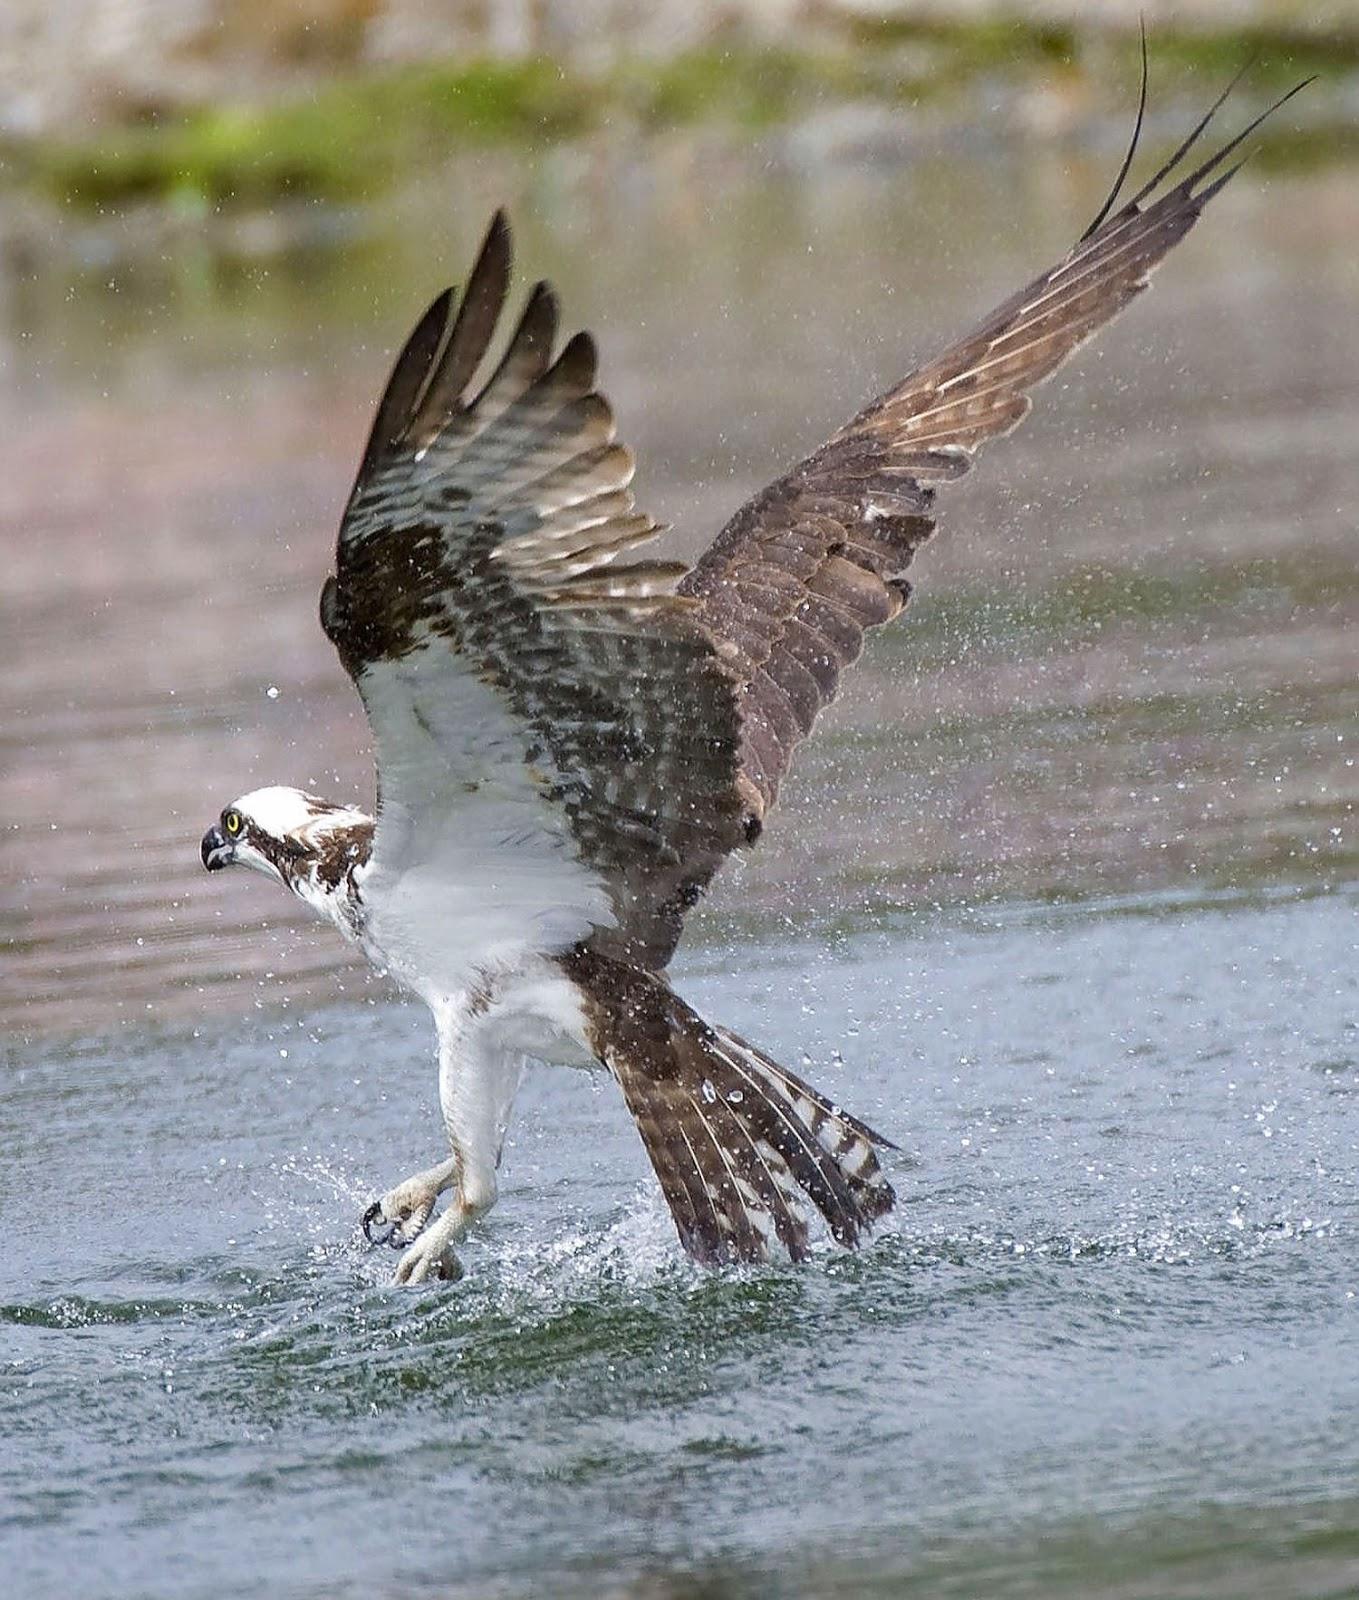 Ospreys thrive despite long-lasting pollutants, report finds